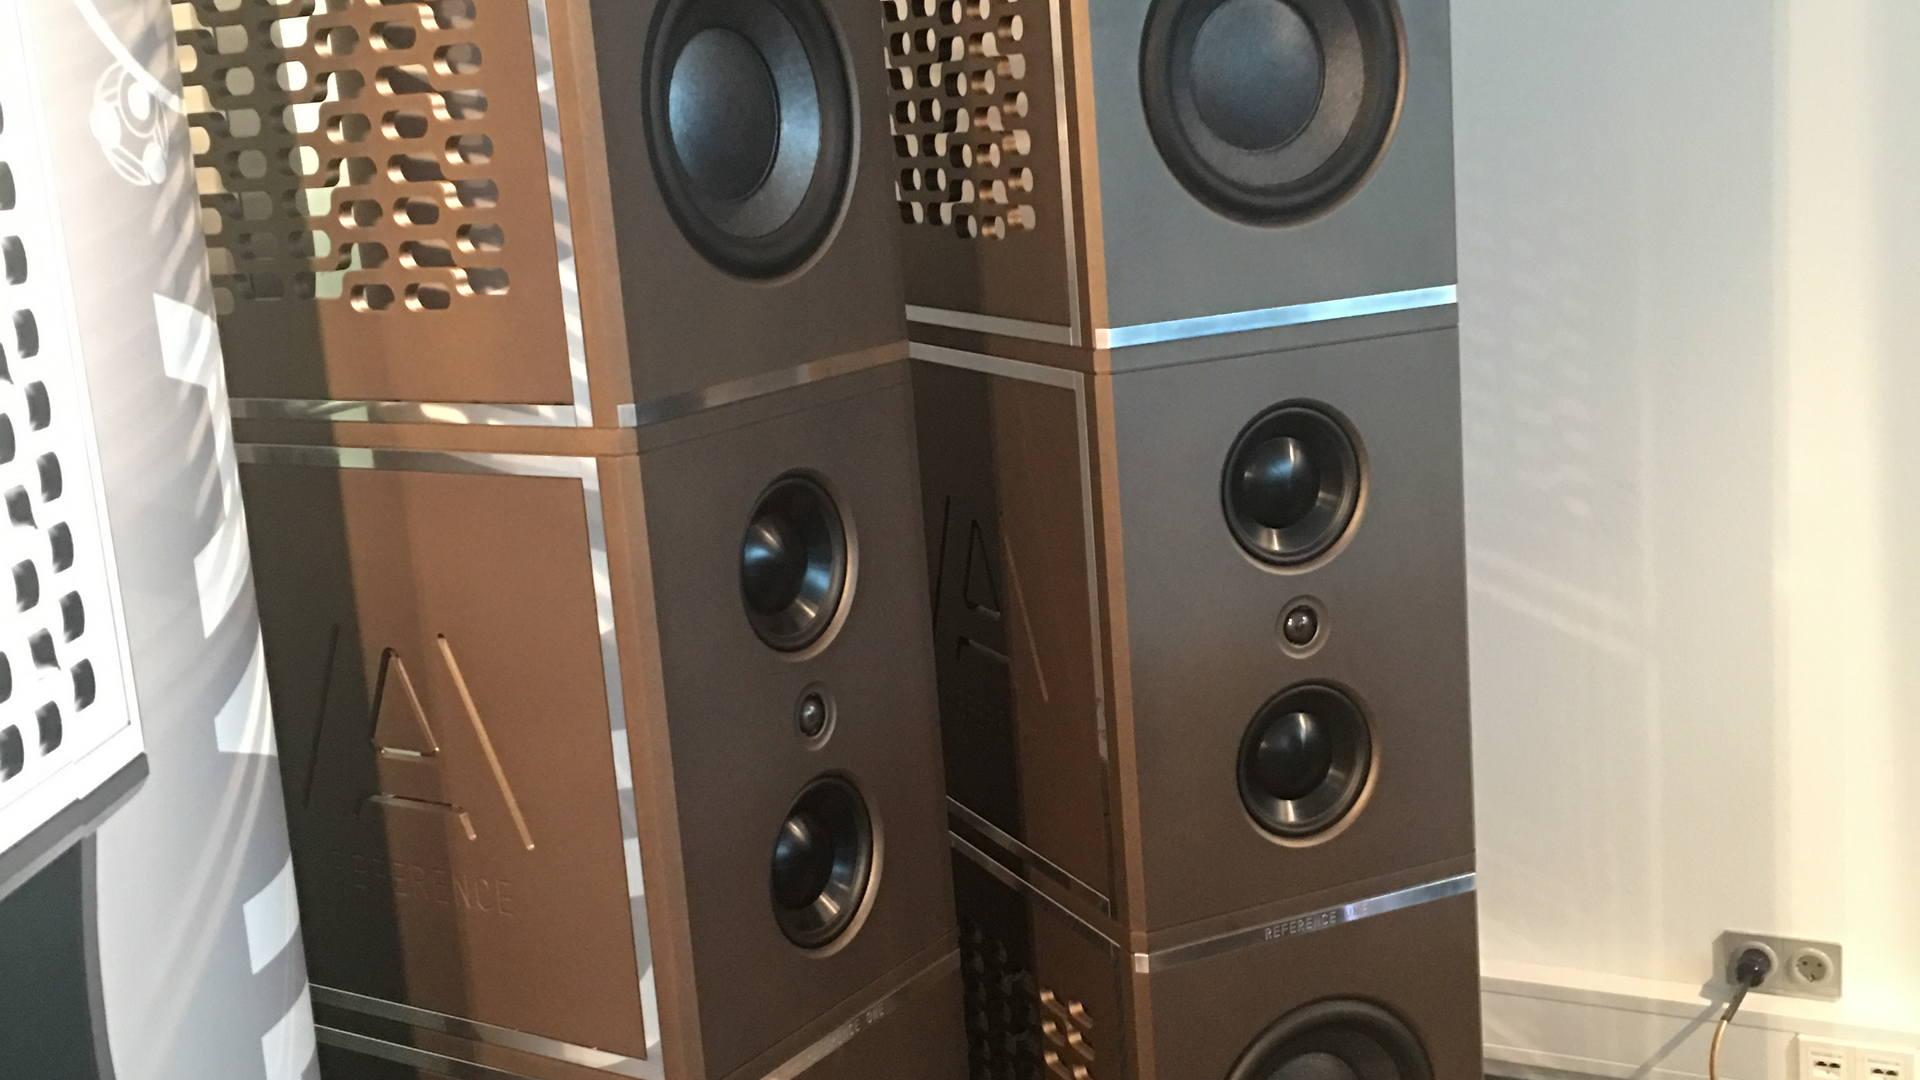 img 3625 hifi conception enceinte audiophile diy active dac amplificateur et. Black Bedroom Furniture Sets. Home Design Ideas